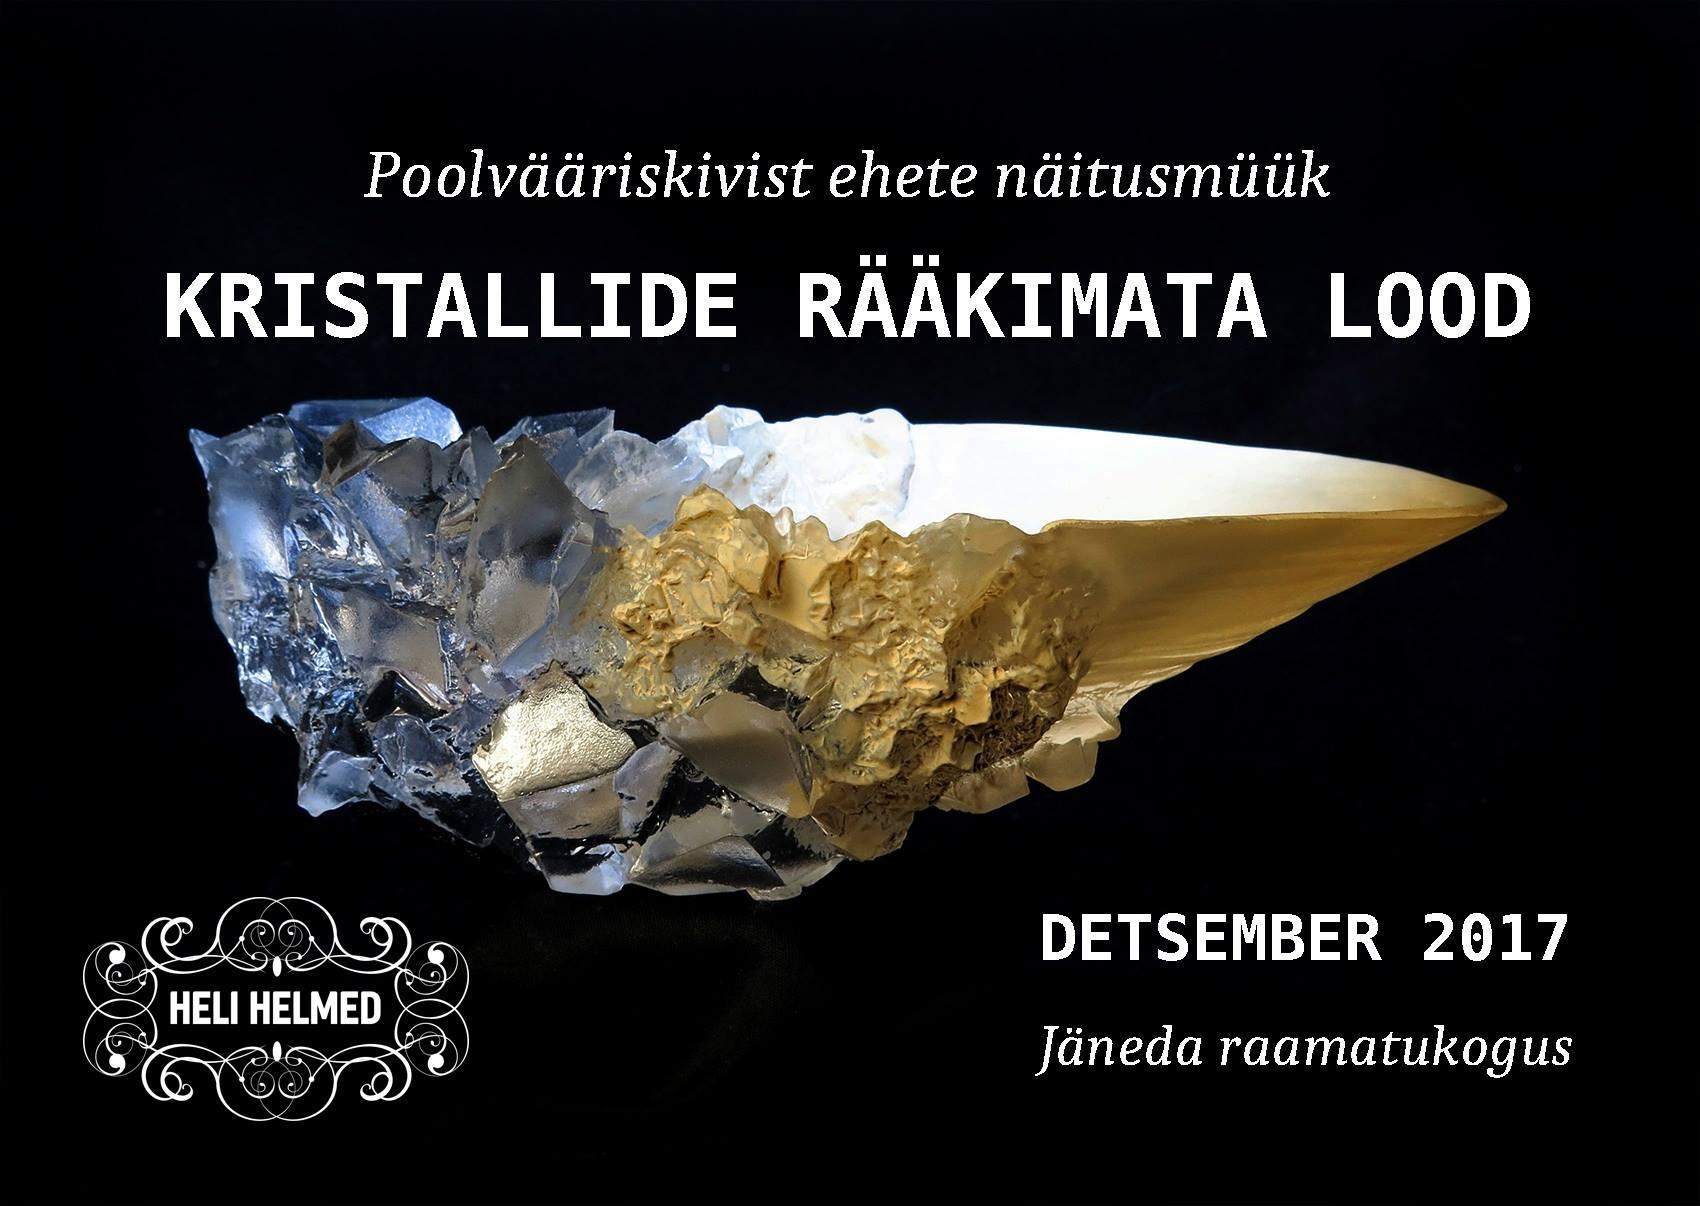 (Eesti) Kristallide rääkimata lood